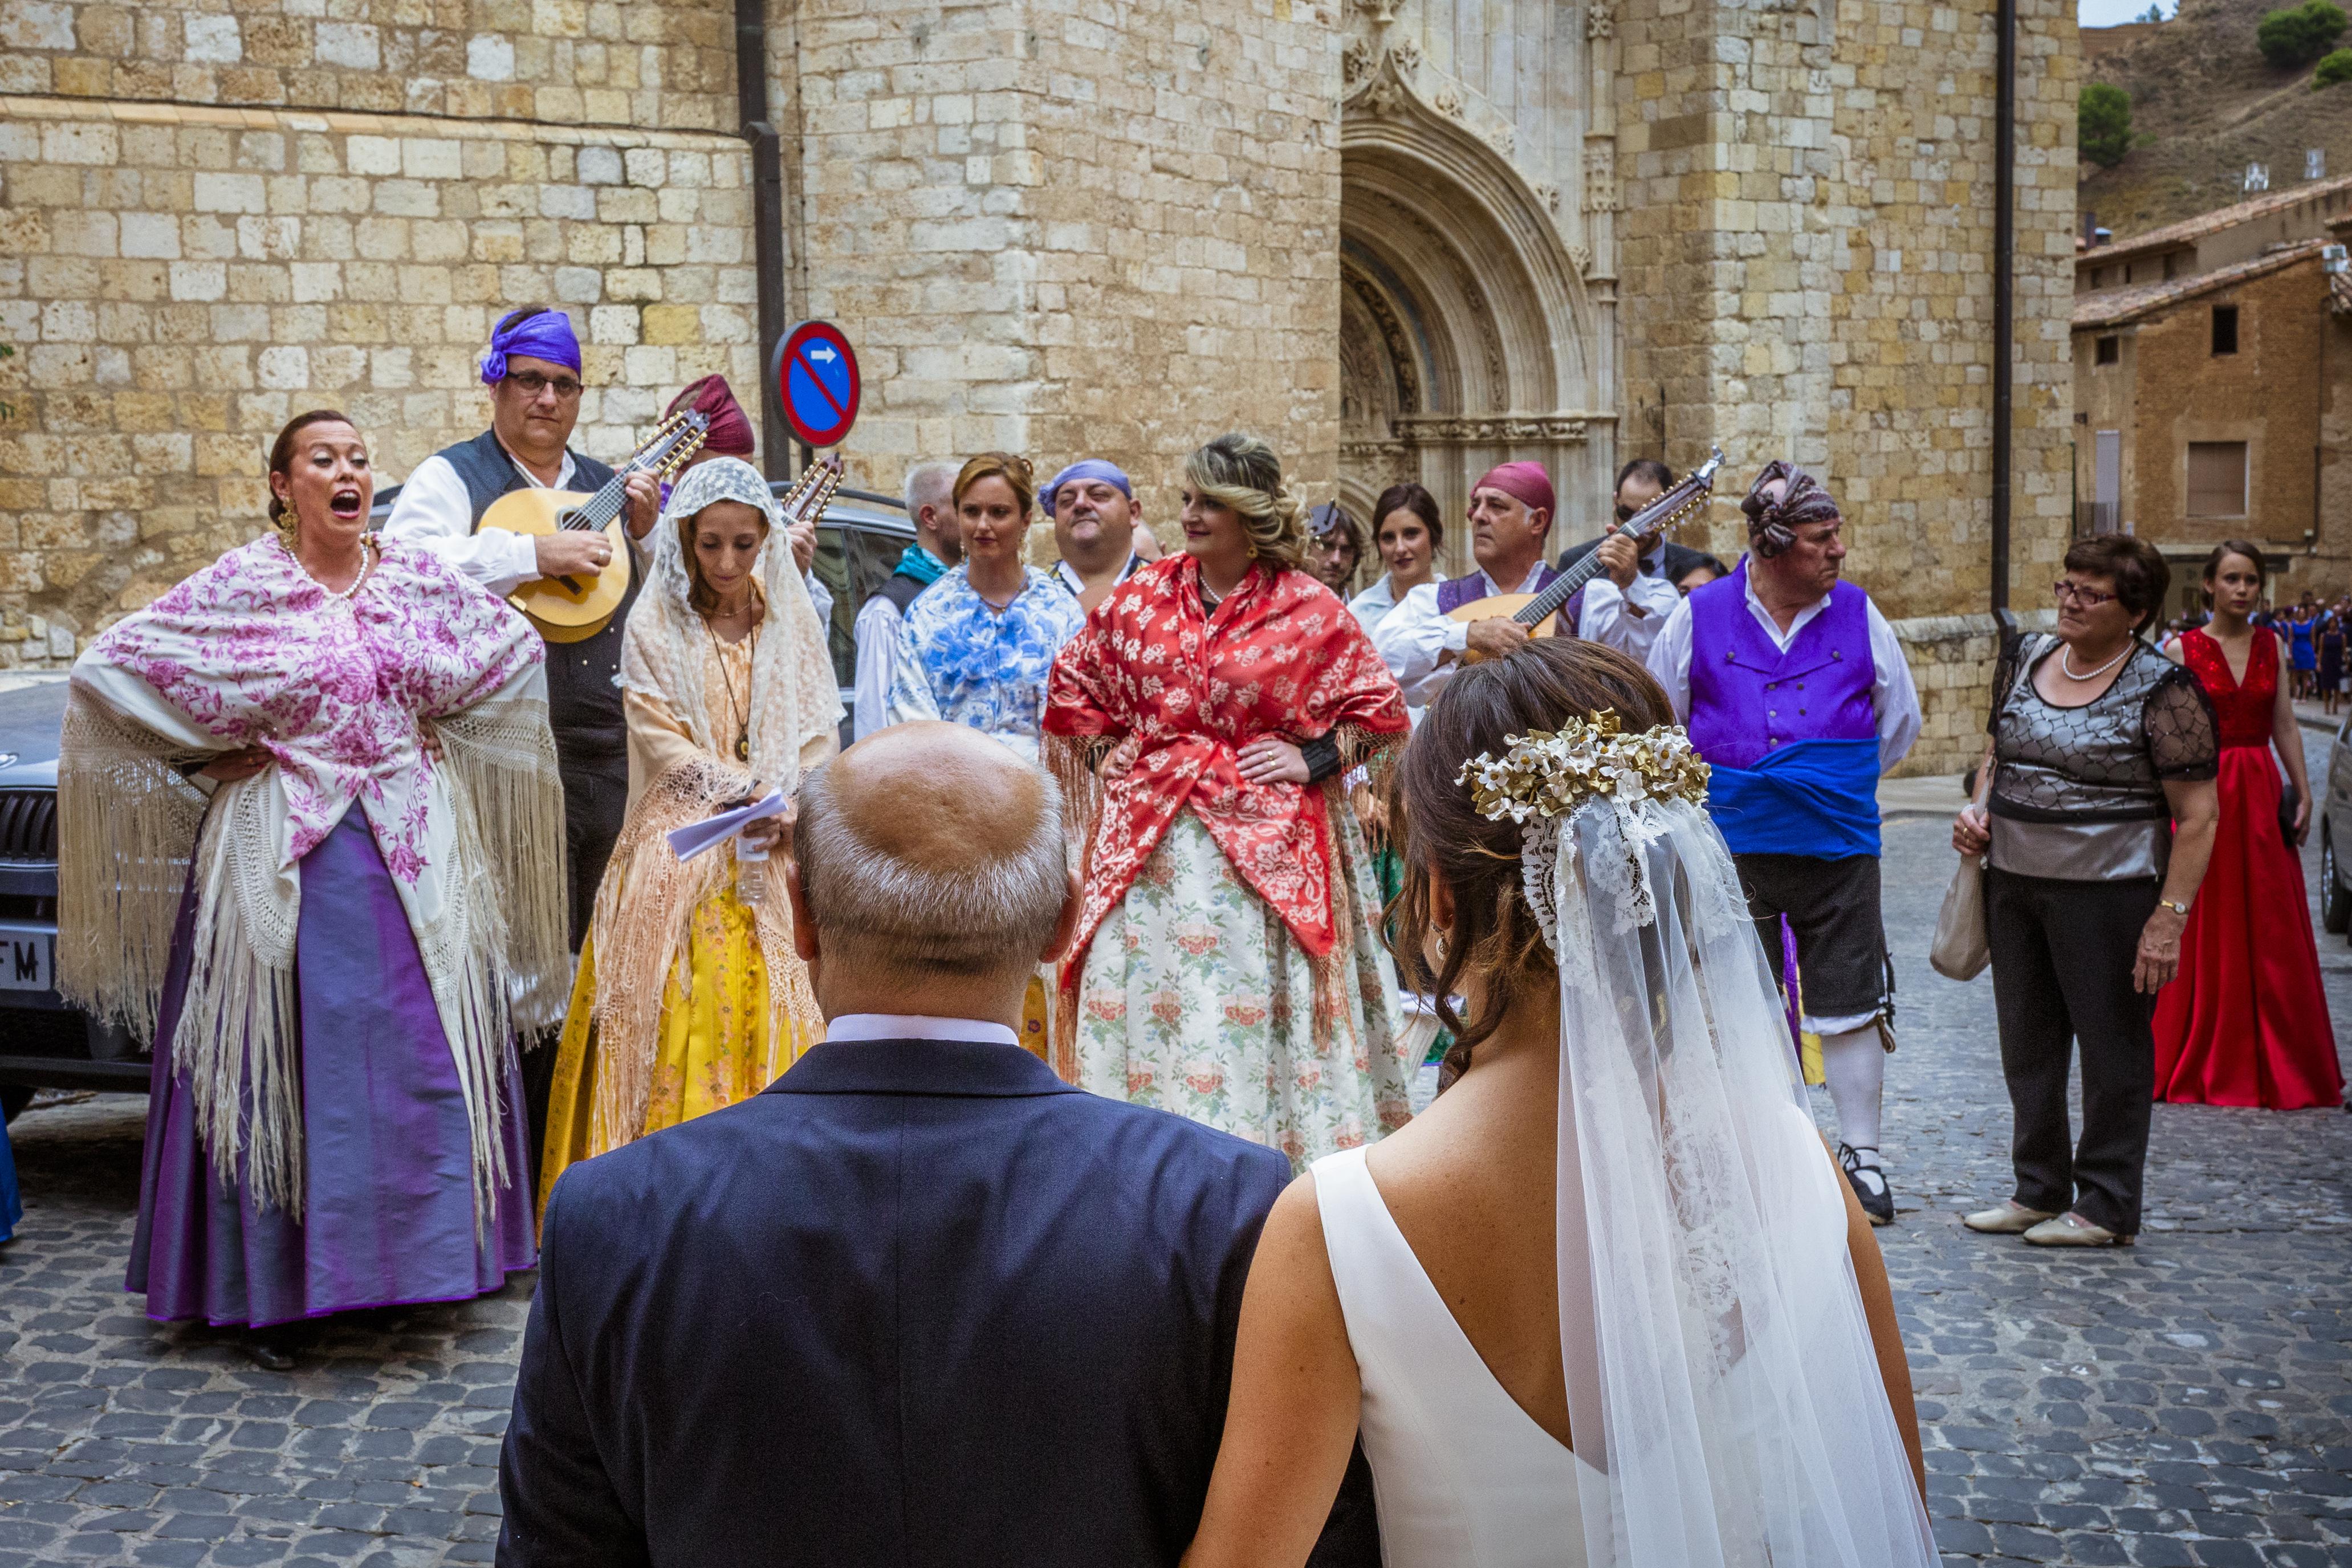 mandarina wedding, fotografos de boda, fotoperiodismo de boda, mejores fotografos de boda, bodas soria, bodas pirineo, bodas Madrid, fotógrafo daroca_19